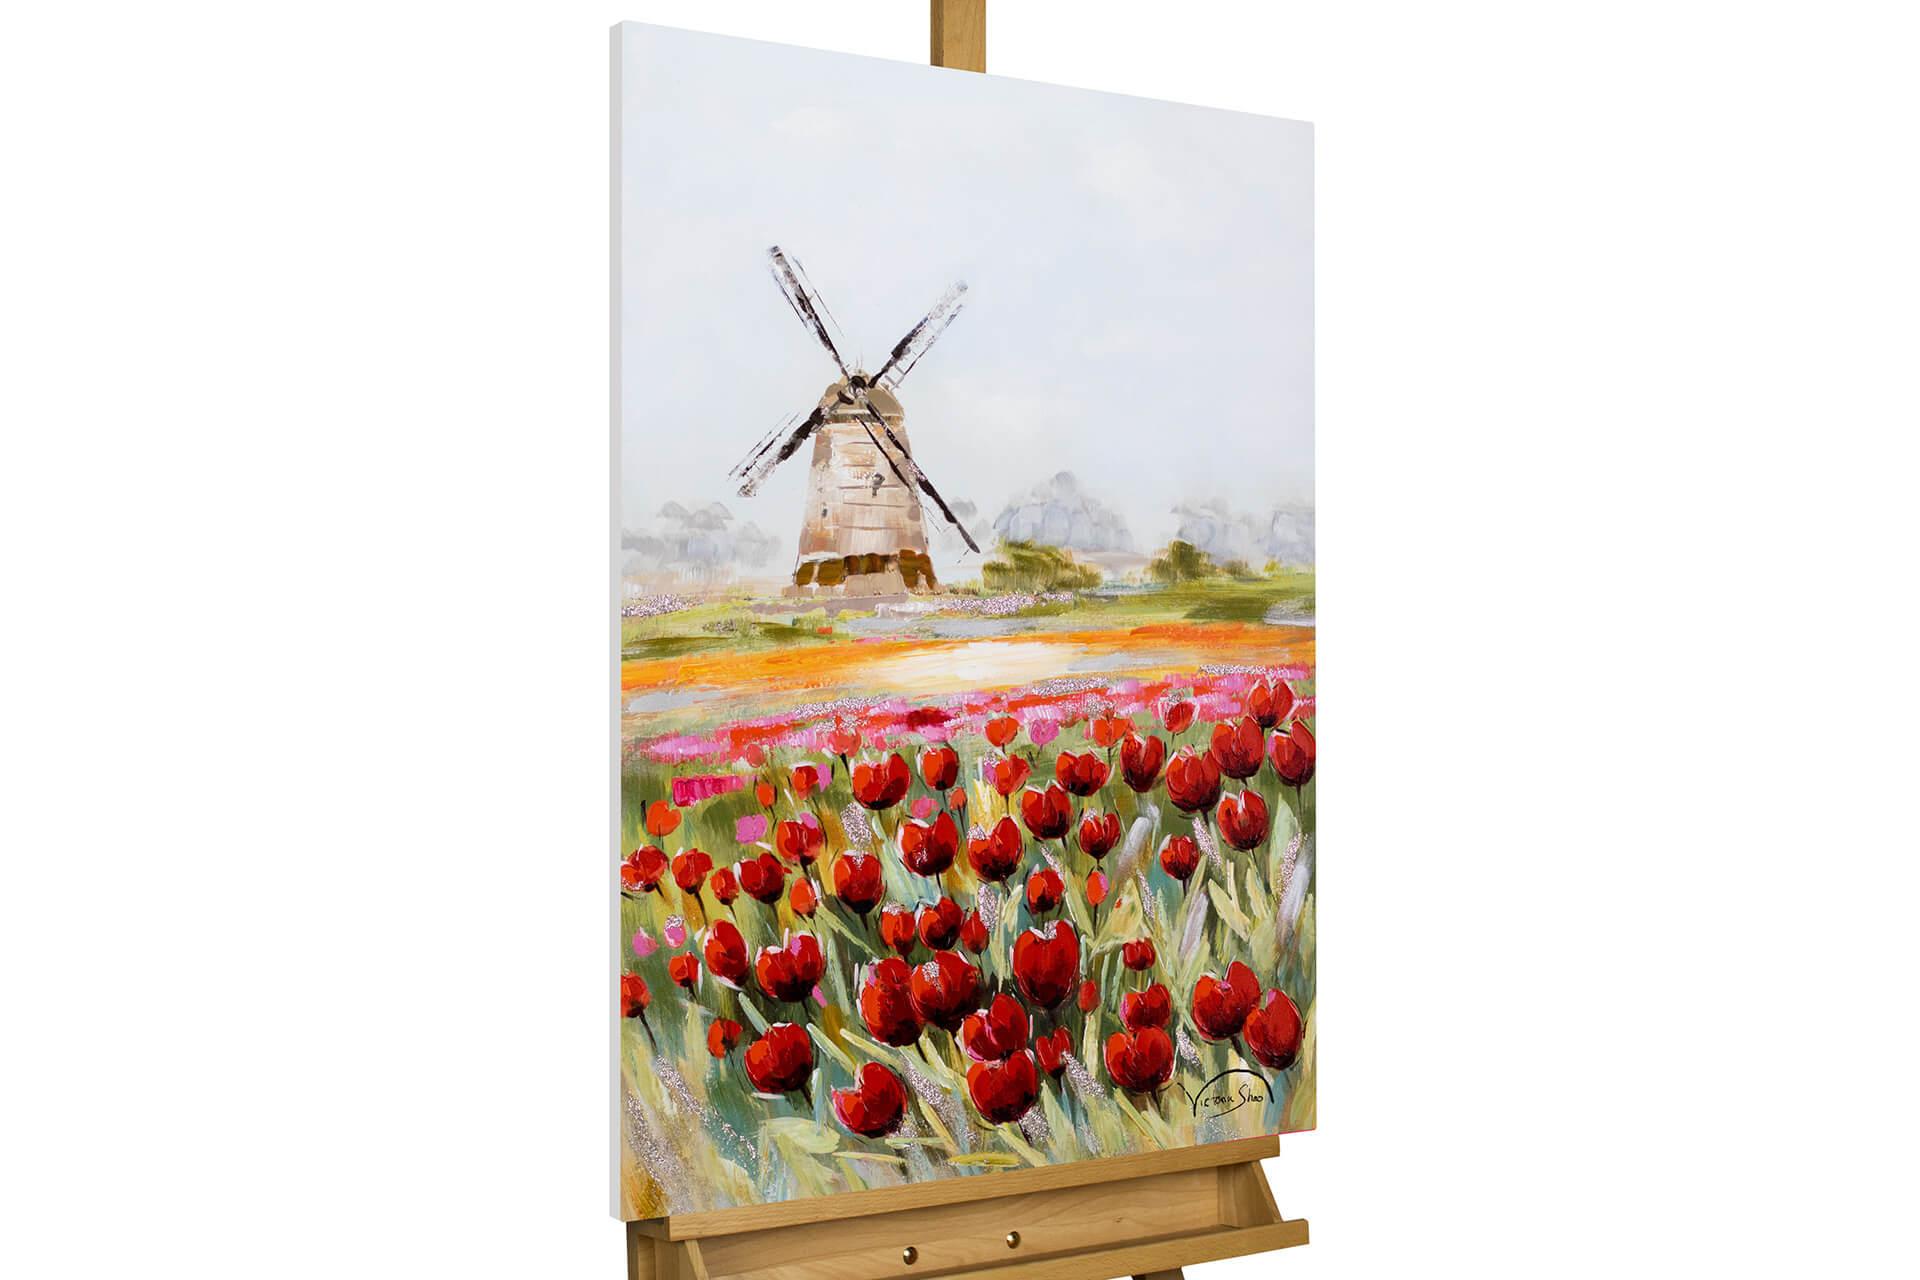 kl tuplen blumen holland natur modern acryl gemaelde oel bild 02